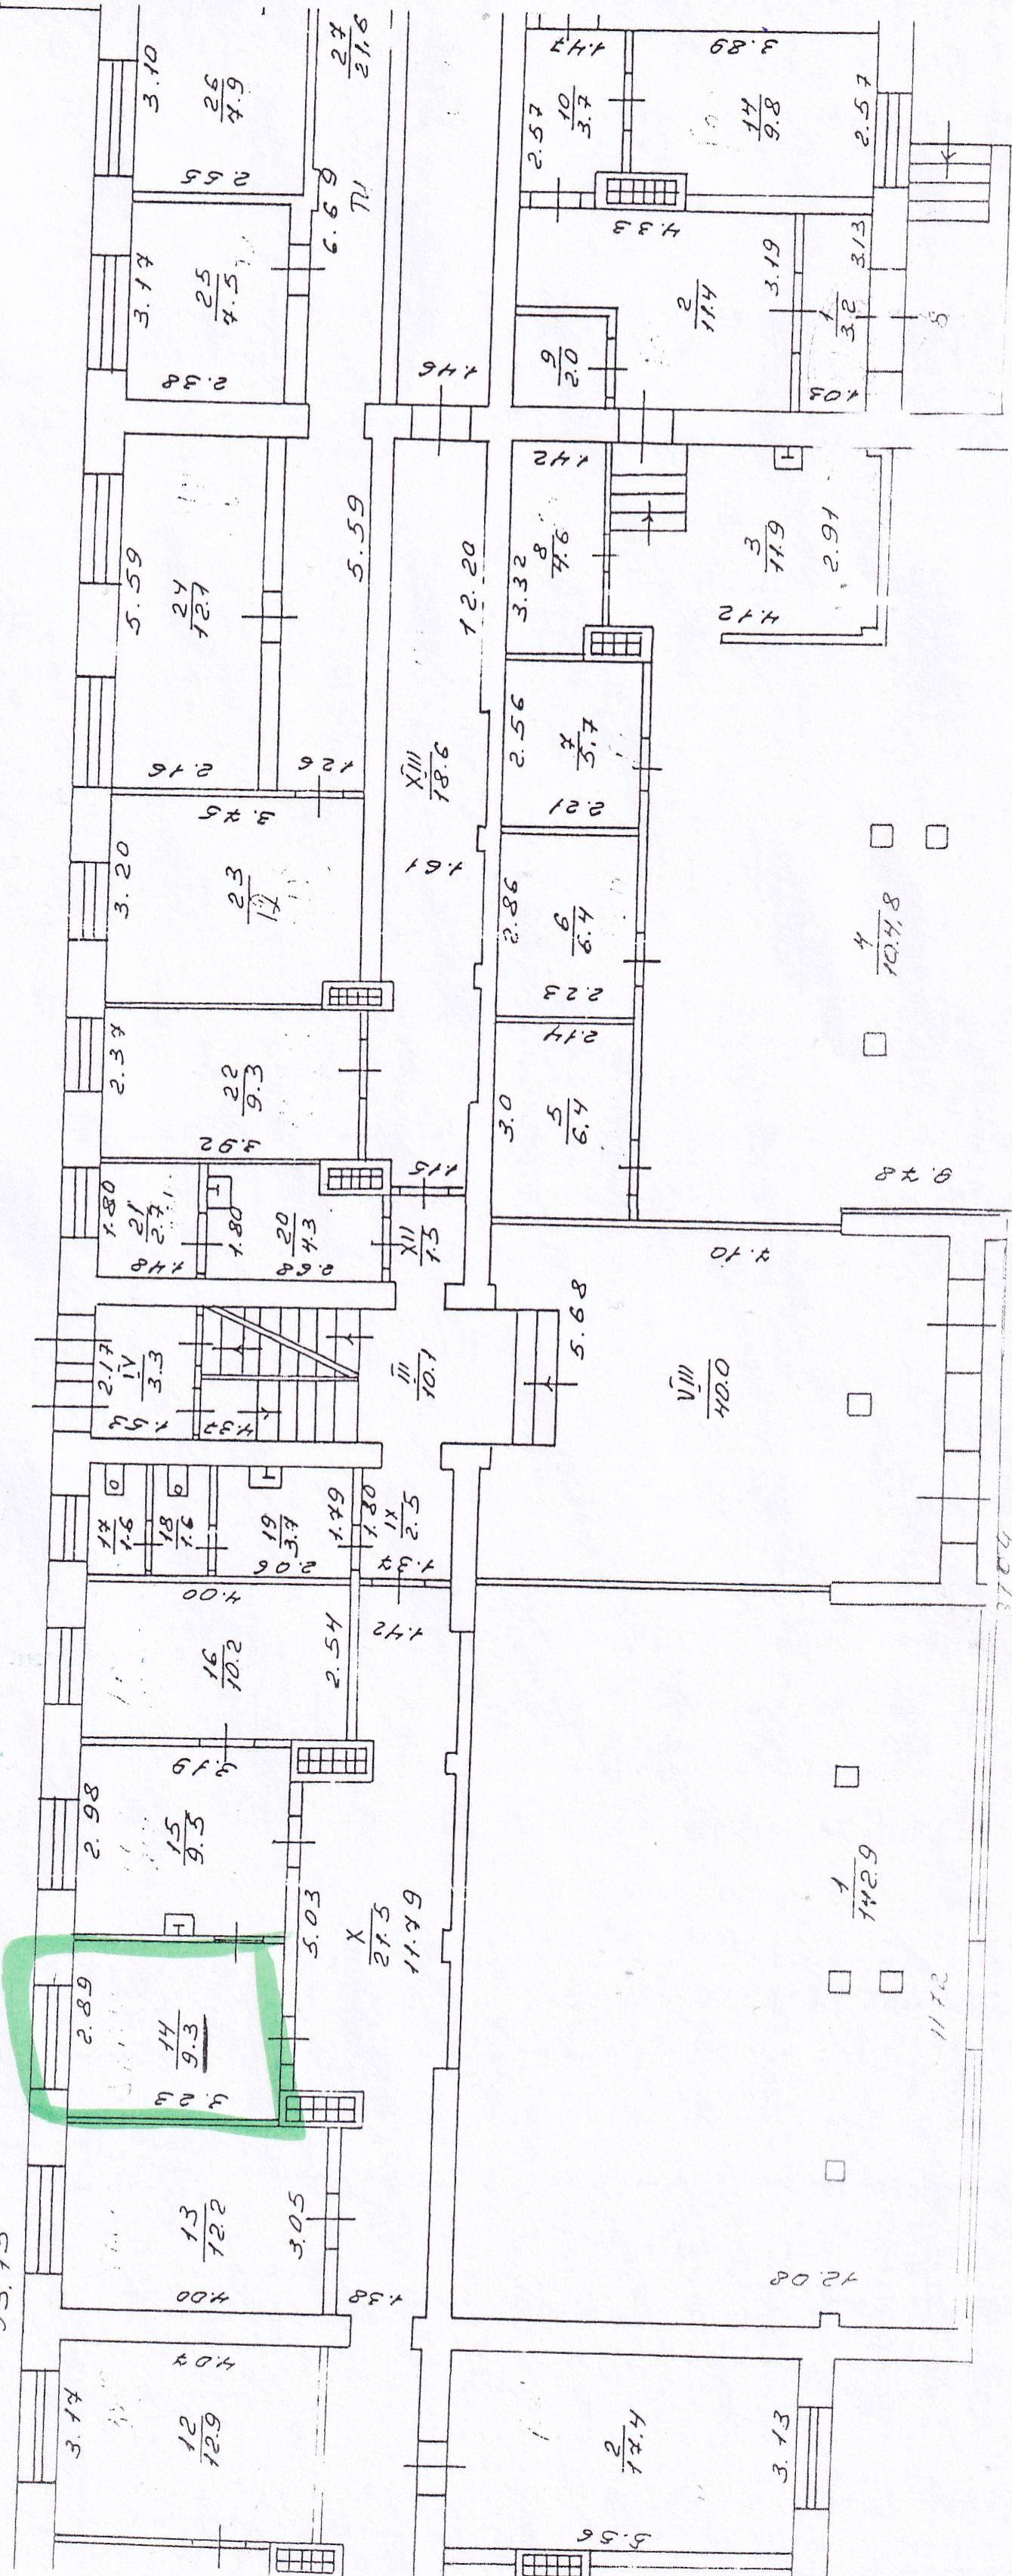 Продовження договору оренди нерухомого майна, а саме: нежитлового вбудованого приміщення, загальною площею 9,3 кв.м., розташованого на першому поверсі п'ятиповерхової будівлі гуртожитку за адресою: Сумська область, м.Конотоп, вул.Короленка, 37